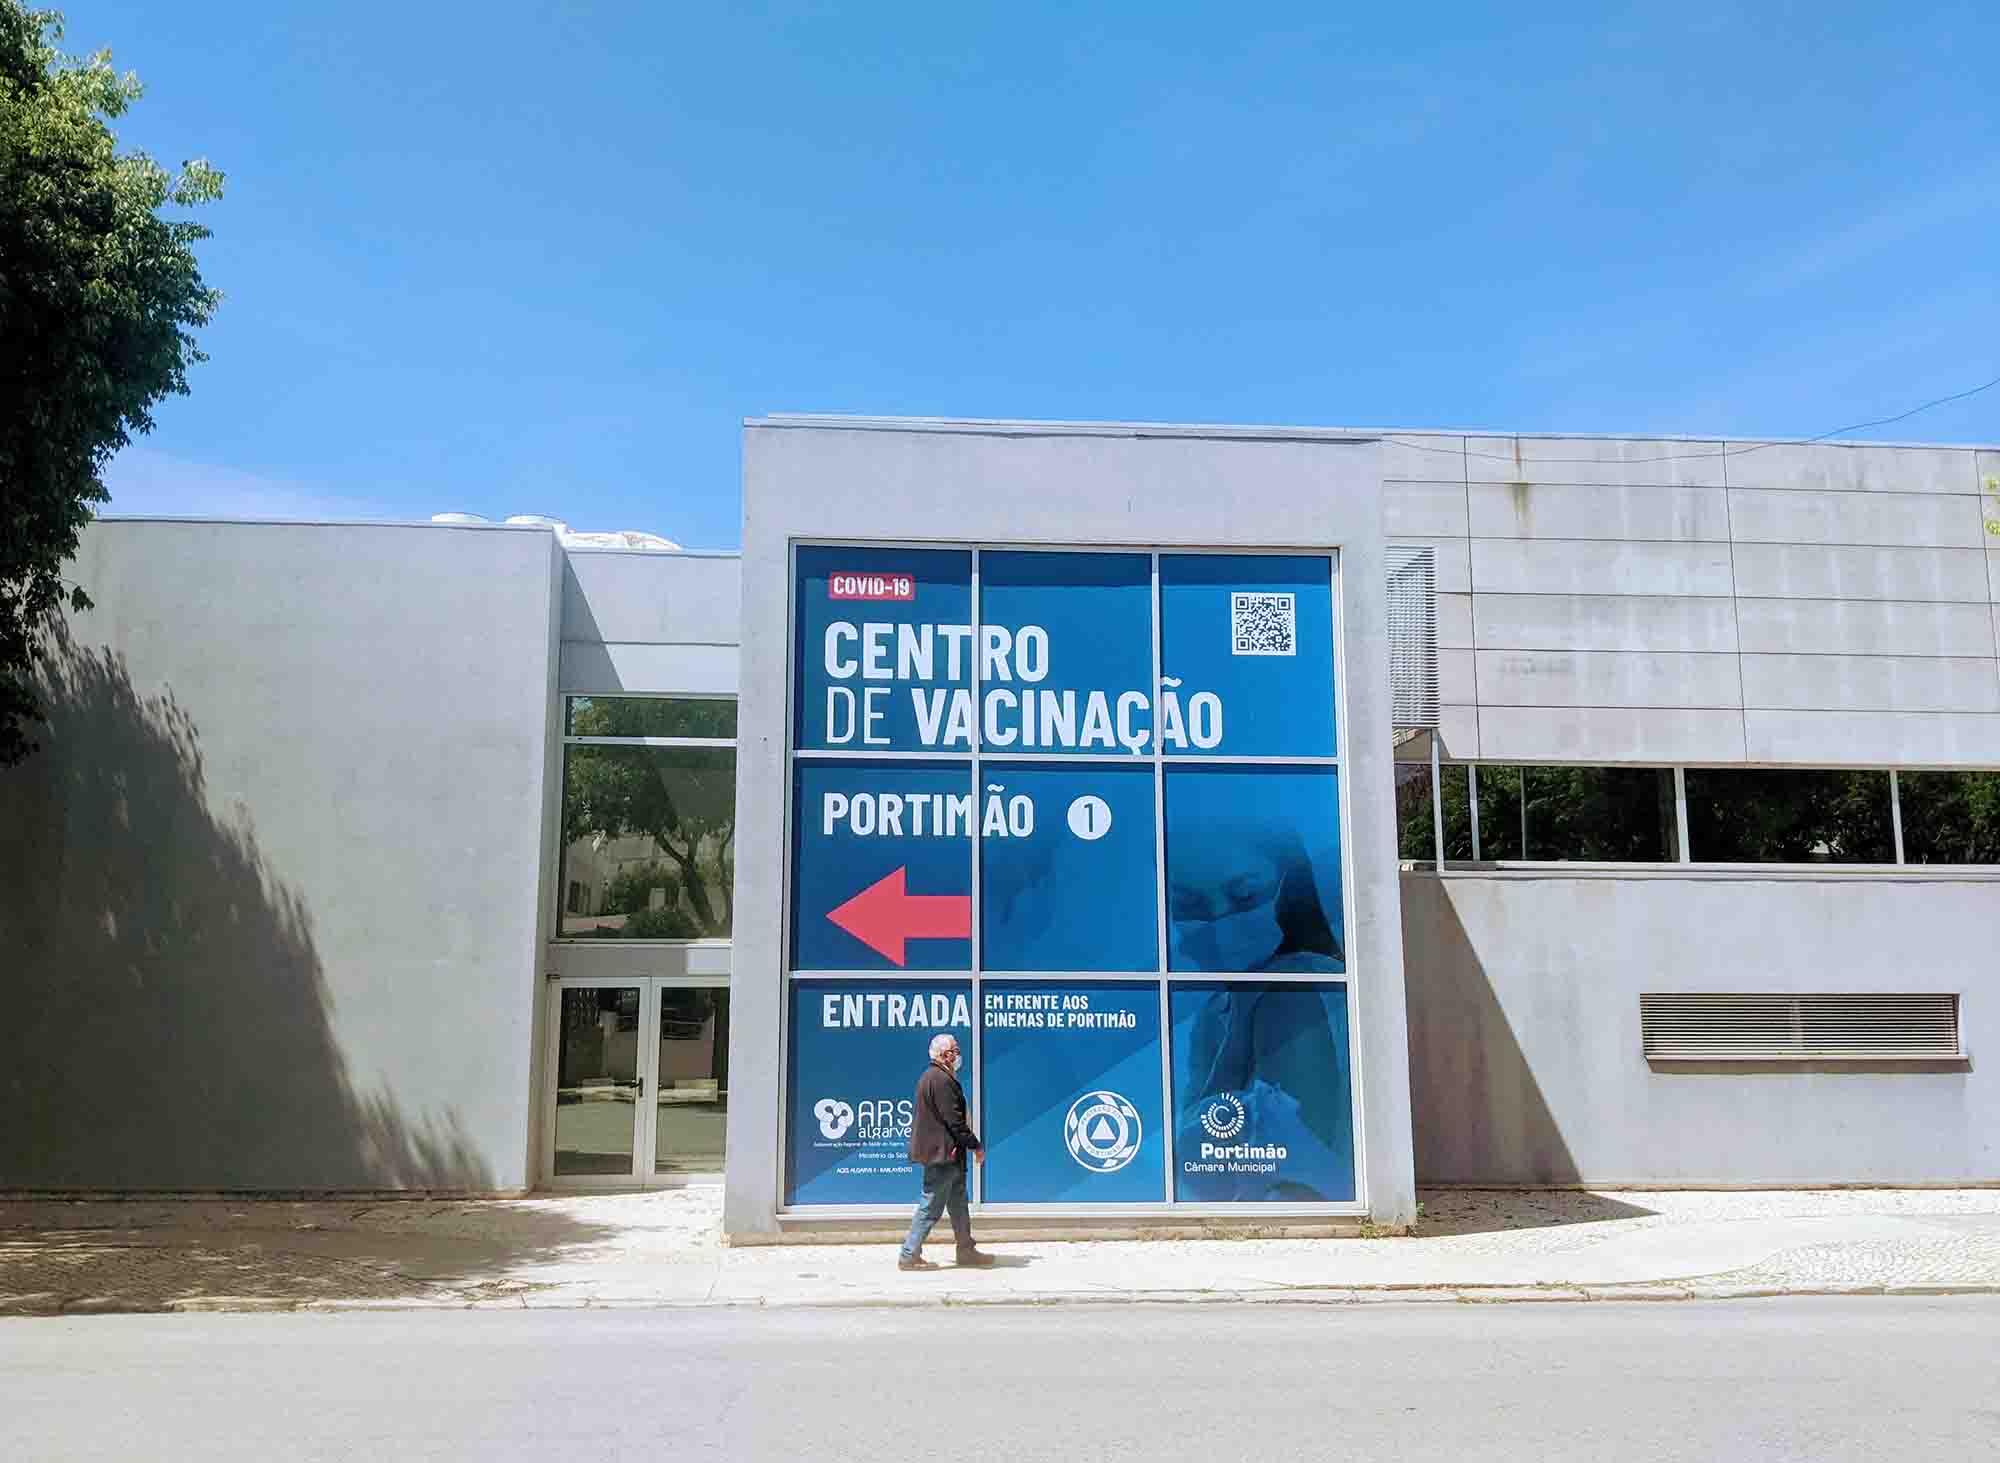 portimao covid vaccination centre